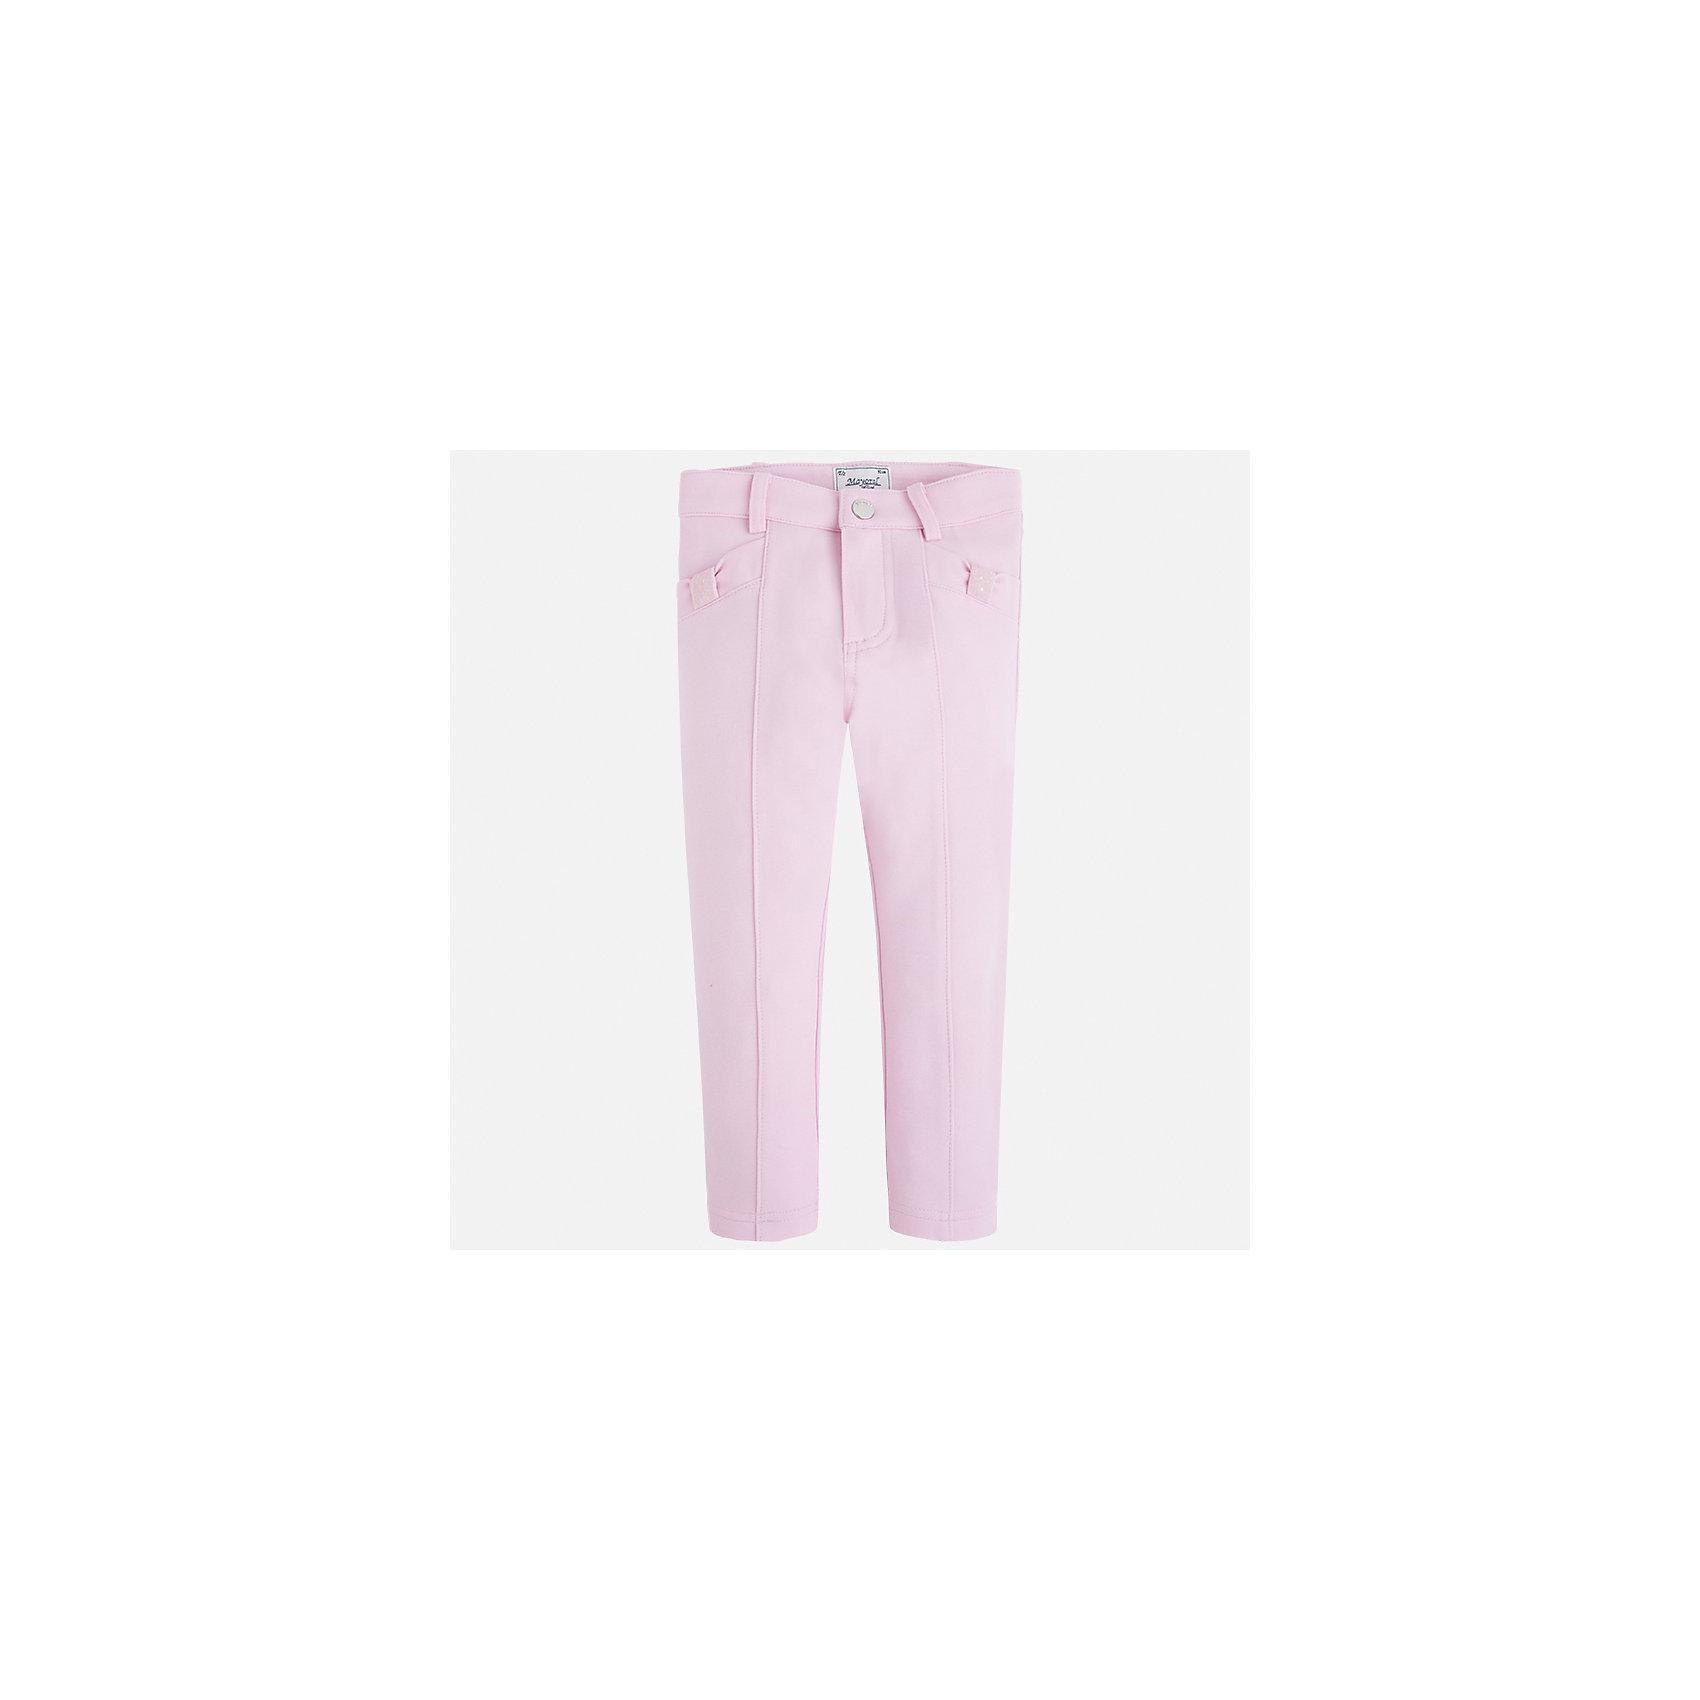 Брюки для девочки MayoralБрюки<br>Характеристики товара:<br><br>• цвет: розовый<br>• состав: 65% вискоза, 30% полиамид, 5% эластан<br>• шлевки<br>• эластичный материал<br>• стрелки<br>• декоративная отделка карманов<br>• страна бренда: Испания<br><br>Модные леггинсы для девочки смогут разнообразить гардероб ребенка и украсить наряд. Они отлично сочетаются с майками, футболками, блузками. Красивый оттенок позволяет подобрать к вещи верх разных расцветок. В составе материала - натуральный хлопок, гипоаллергенный, приятный на ощупь, дышащий. Леггинсы отлично сидят и не стесняют движения.<br><br>Одежда, обувь и аксессуары от испанского бренда Mayoral полюбились детям и взрослым по всему миру. Модели этой марки - стильные и удобные. Для их производства используются только безопасные, качественные материалы и фурнитура. Порадуйте ребенка модными и красивыми вещами от Mayoral! <br><br>Леггинсы для девочки от испанского бренда Mayoral (Майорал) можно купить в нашем интернет-магазине.<br><br>Ширина мм: 123<br>Глубина мм: 10<br>Высота мм: 149<br>Вес г: 209<br>Цвет: фиолетовый<br>Возраст от месяцев: 96<br>Возраст до месяцев: 108<br>Пол: Женский<br>Возраст: Детский<br>Размер: 134,92,98,104,110,116,128,122<br>SKU: 5290514